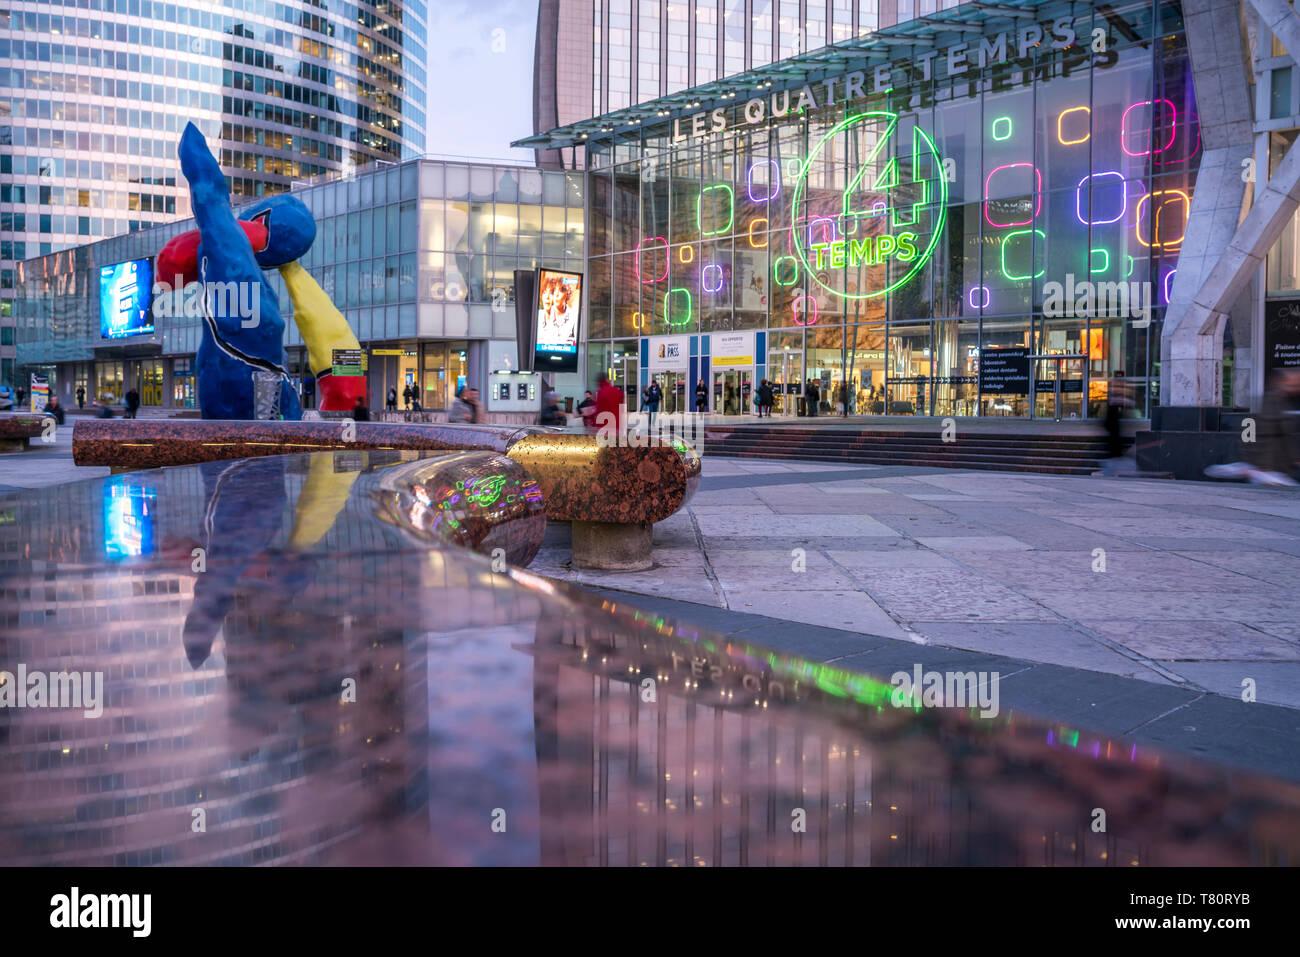 Einkaufszentrum Les Quatre Temps im Viertel La Defense,  Paris, Frankreich  |  The Mall Les Quatre Temps at  the business district La Defense, Paris,  - Stock Image